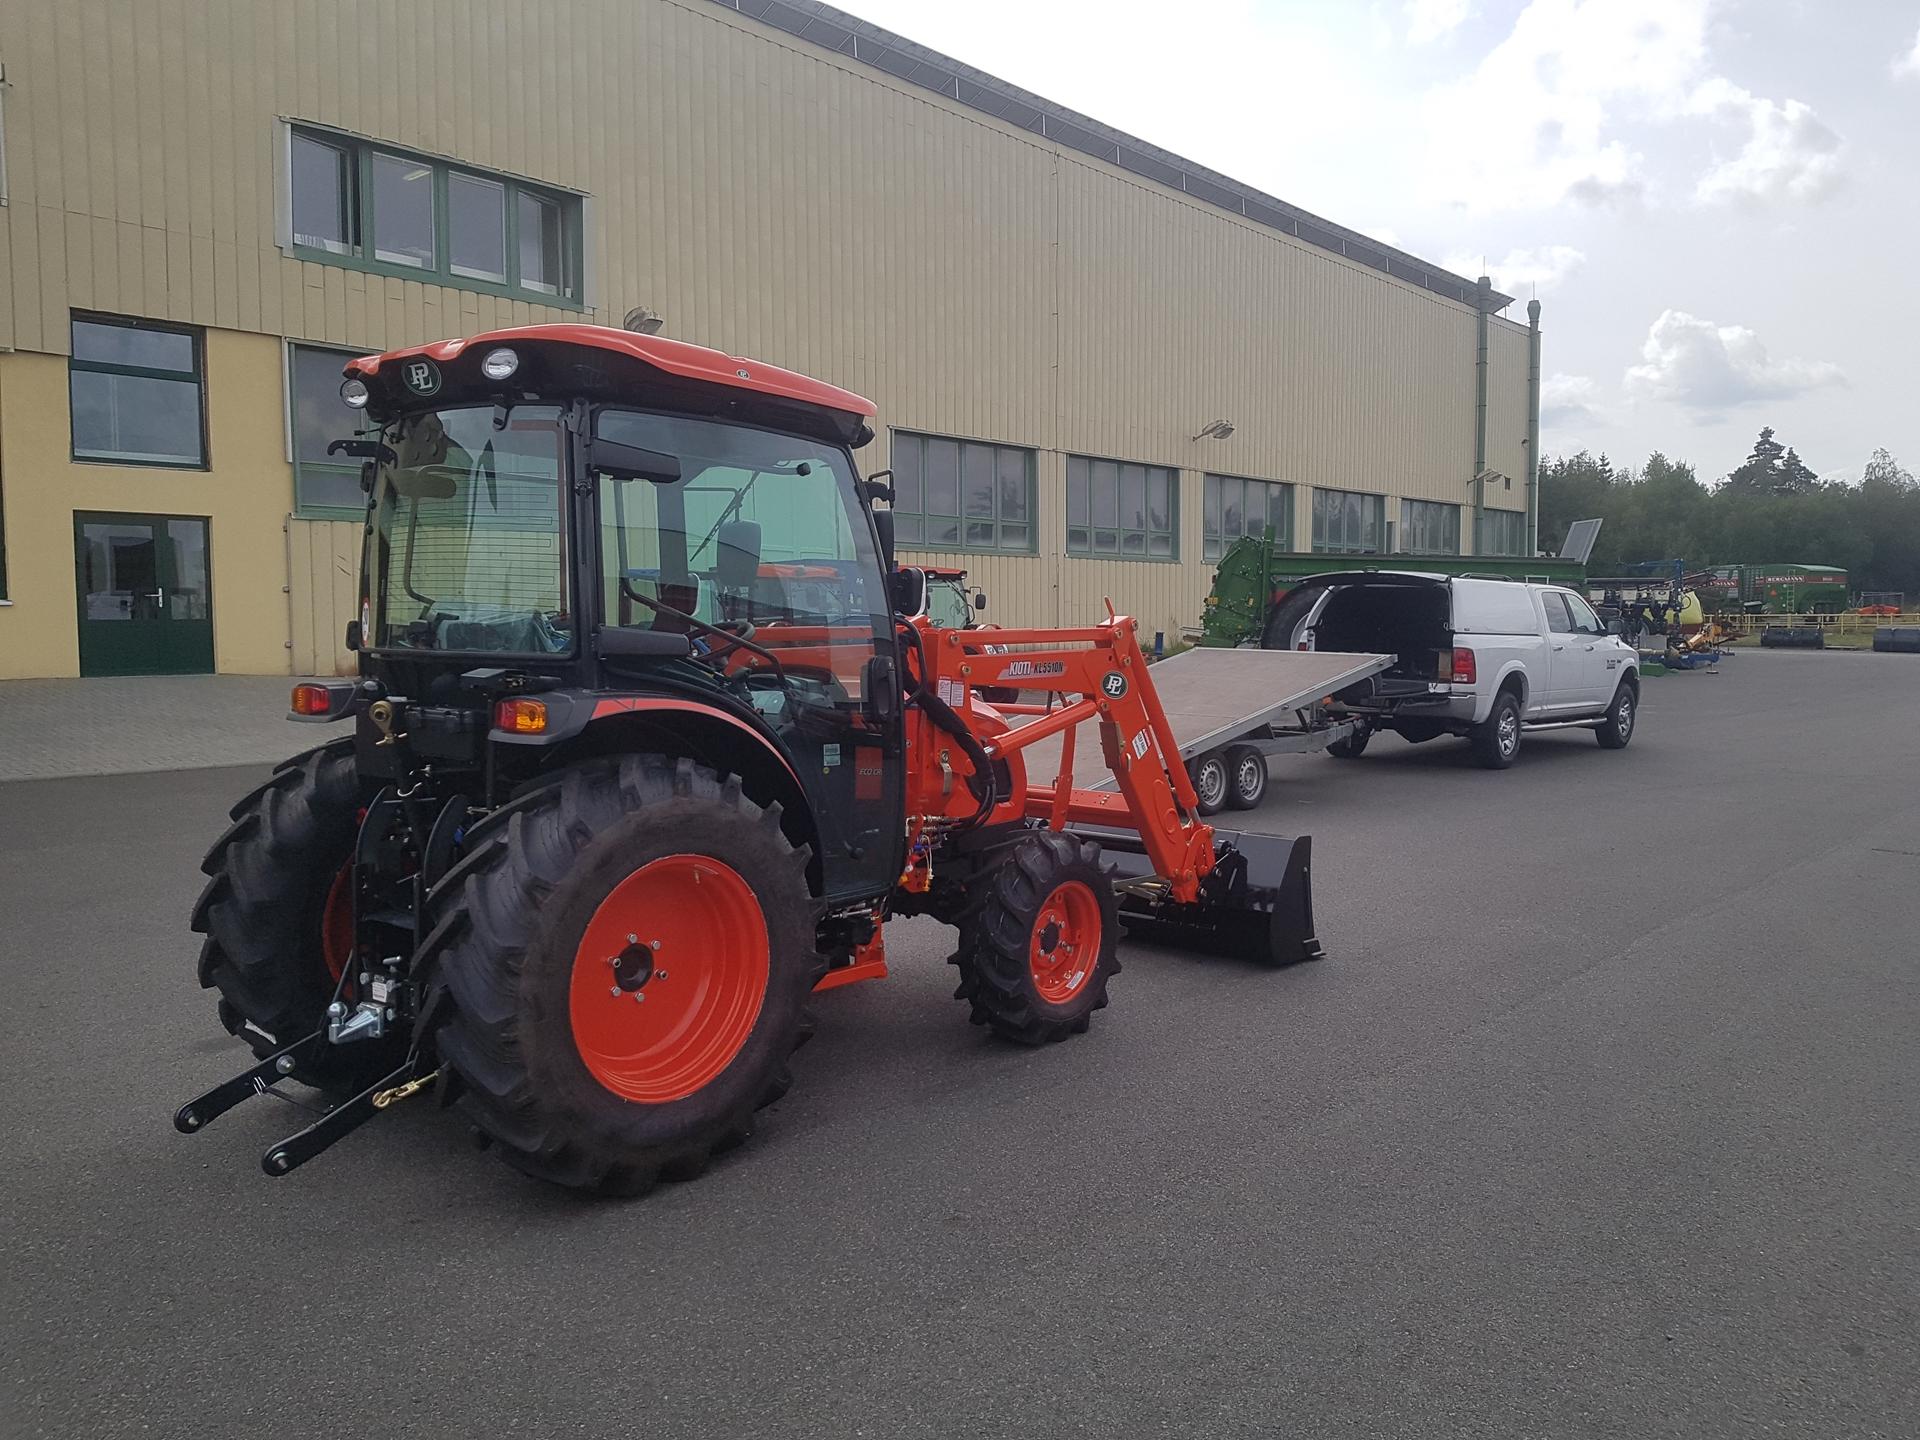 Traktor-Kioti-DK6010-s-celnim-nakladacem3.jpg